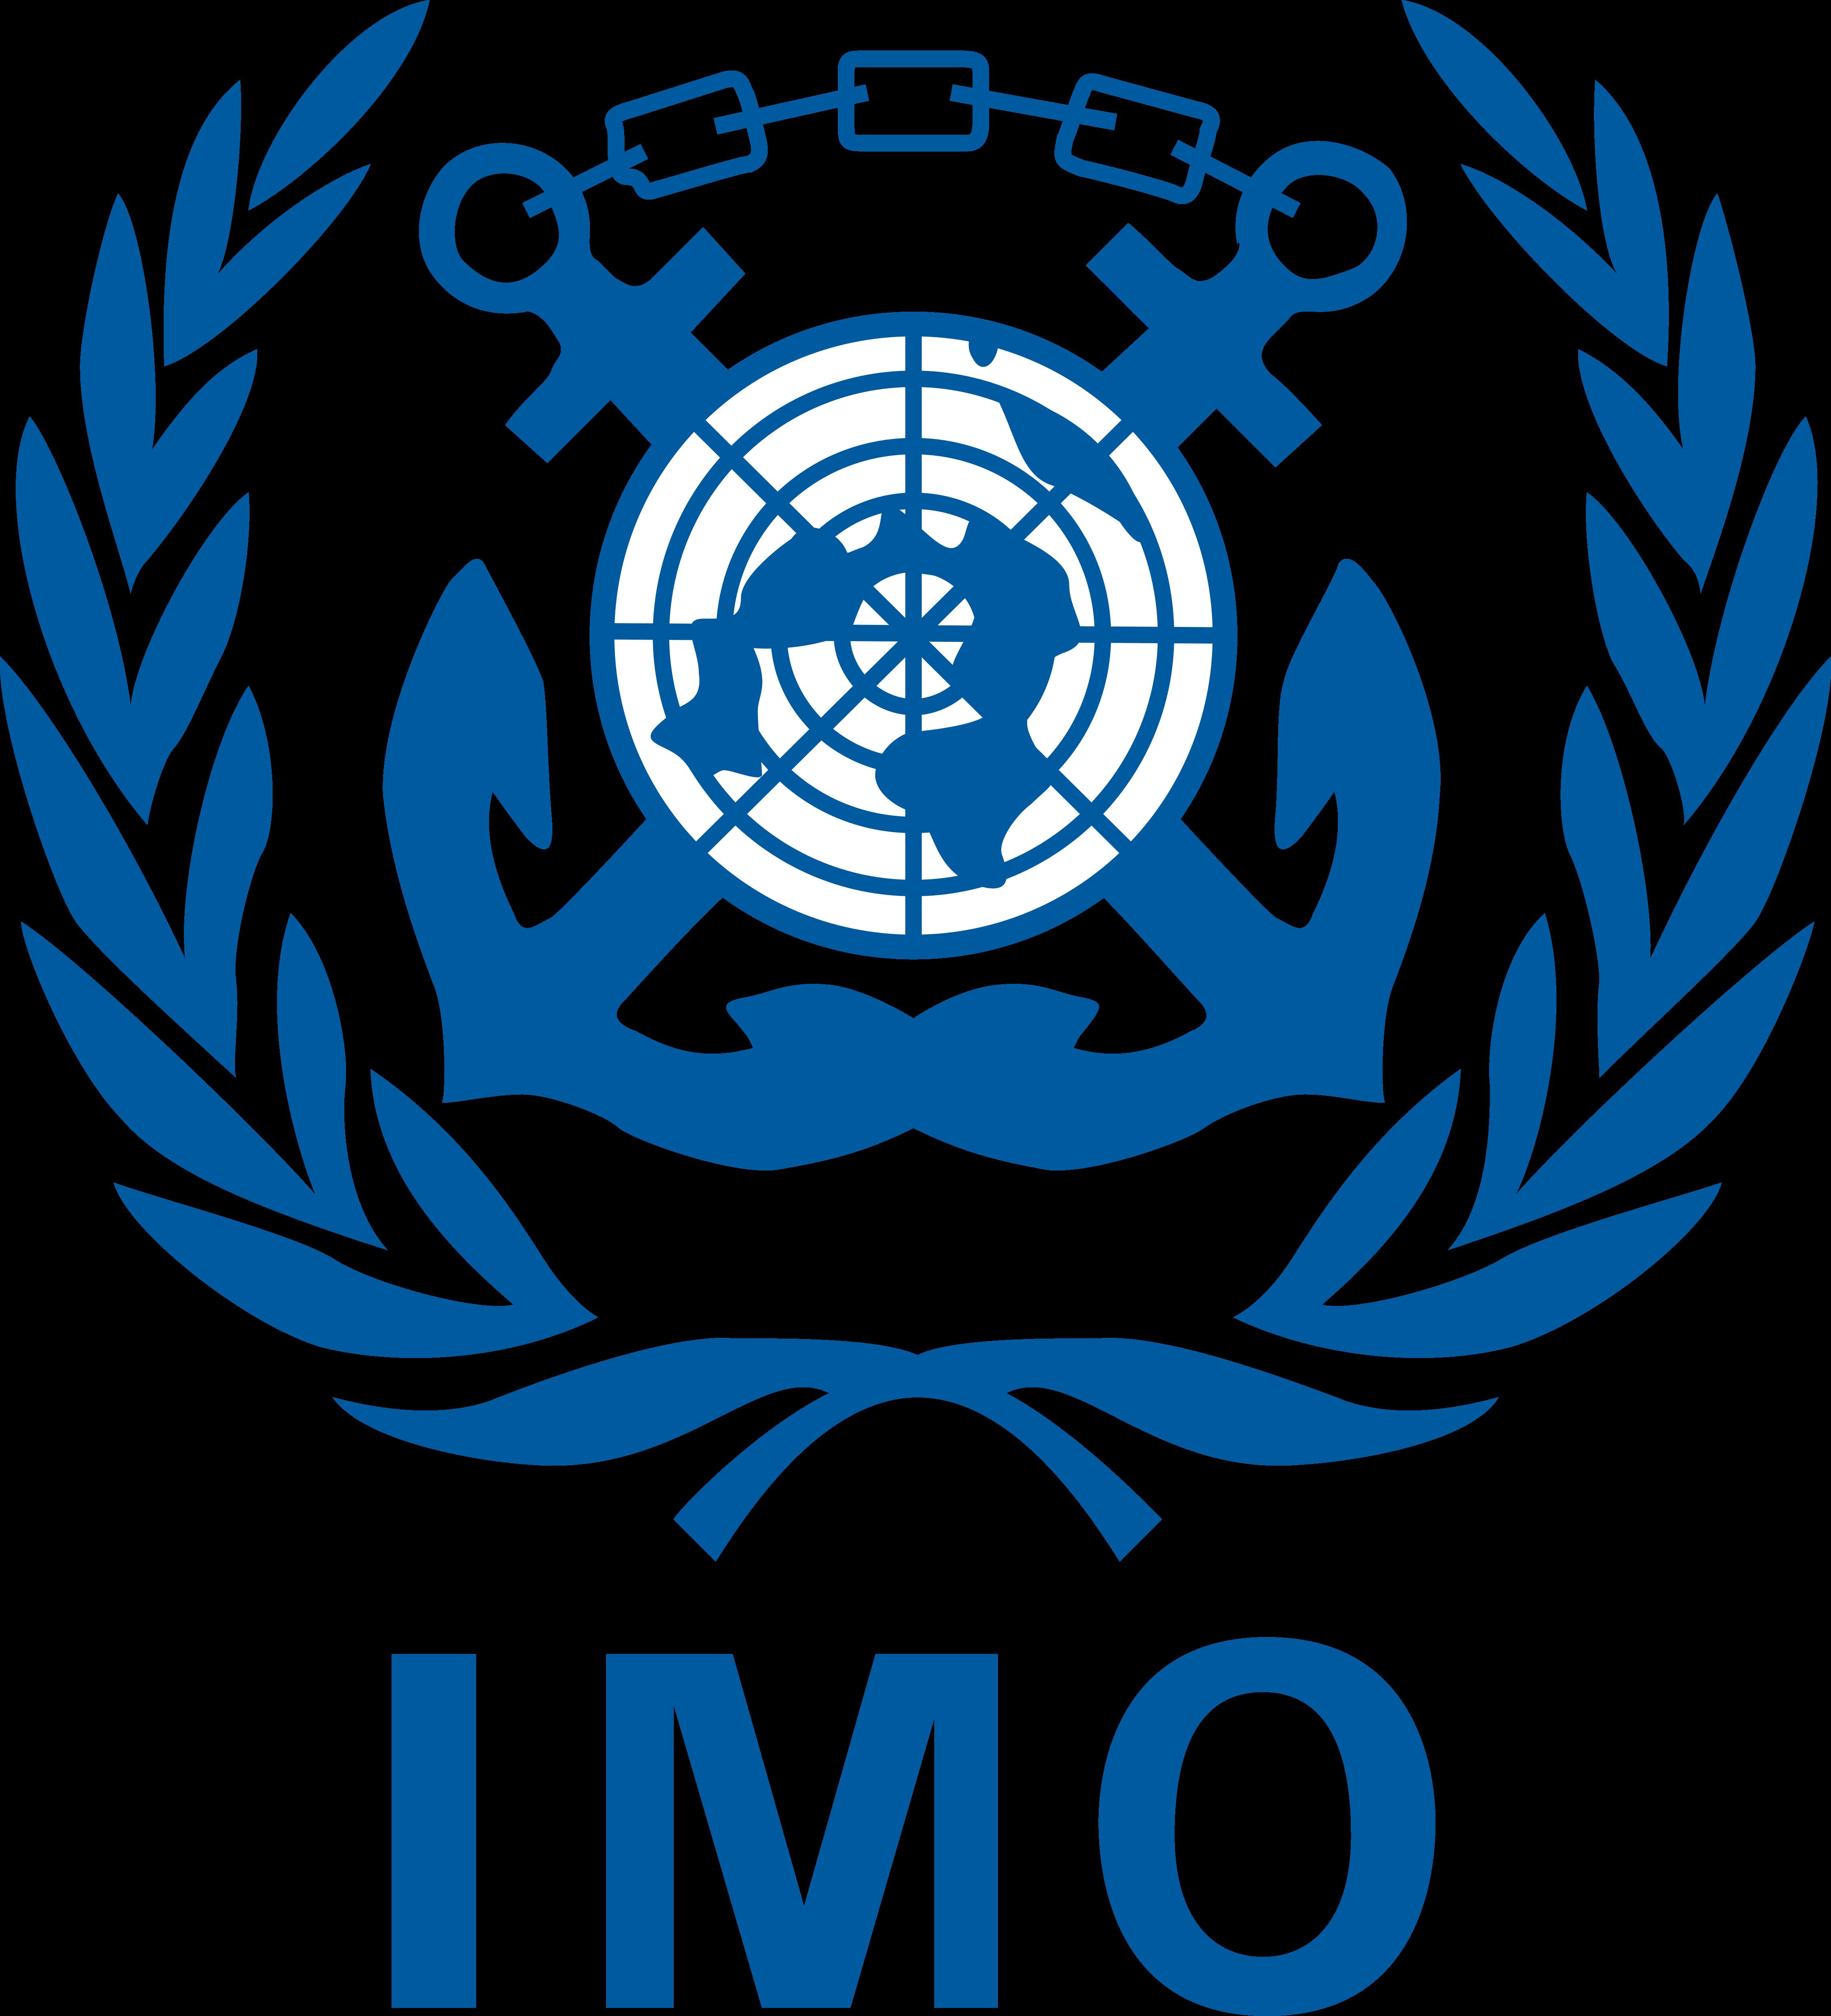 International Maritime Organization - Logos Download